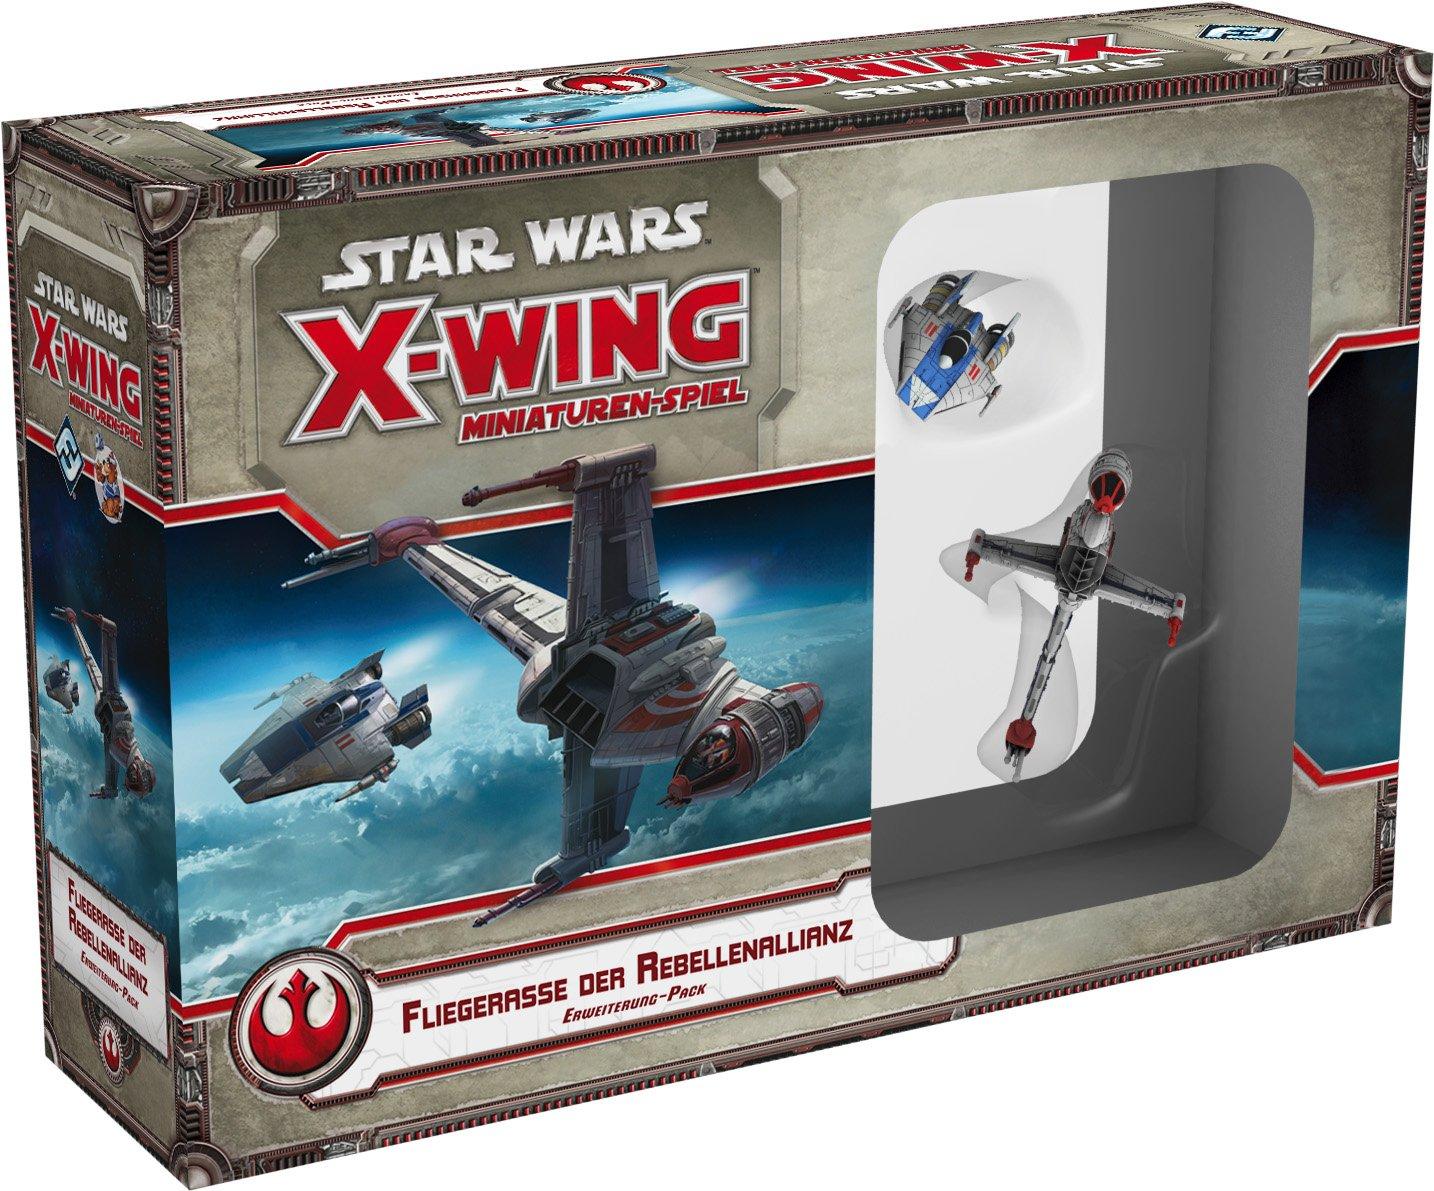 Heidelberger HEI0420 - Star Wars X-Wing, Fliegerasse der Rebellenallianz, Erweiterung-Pack